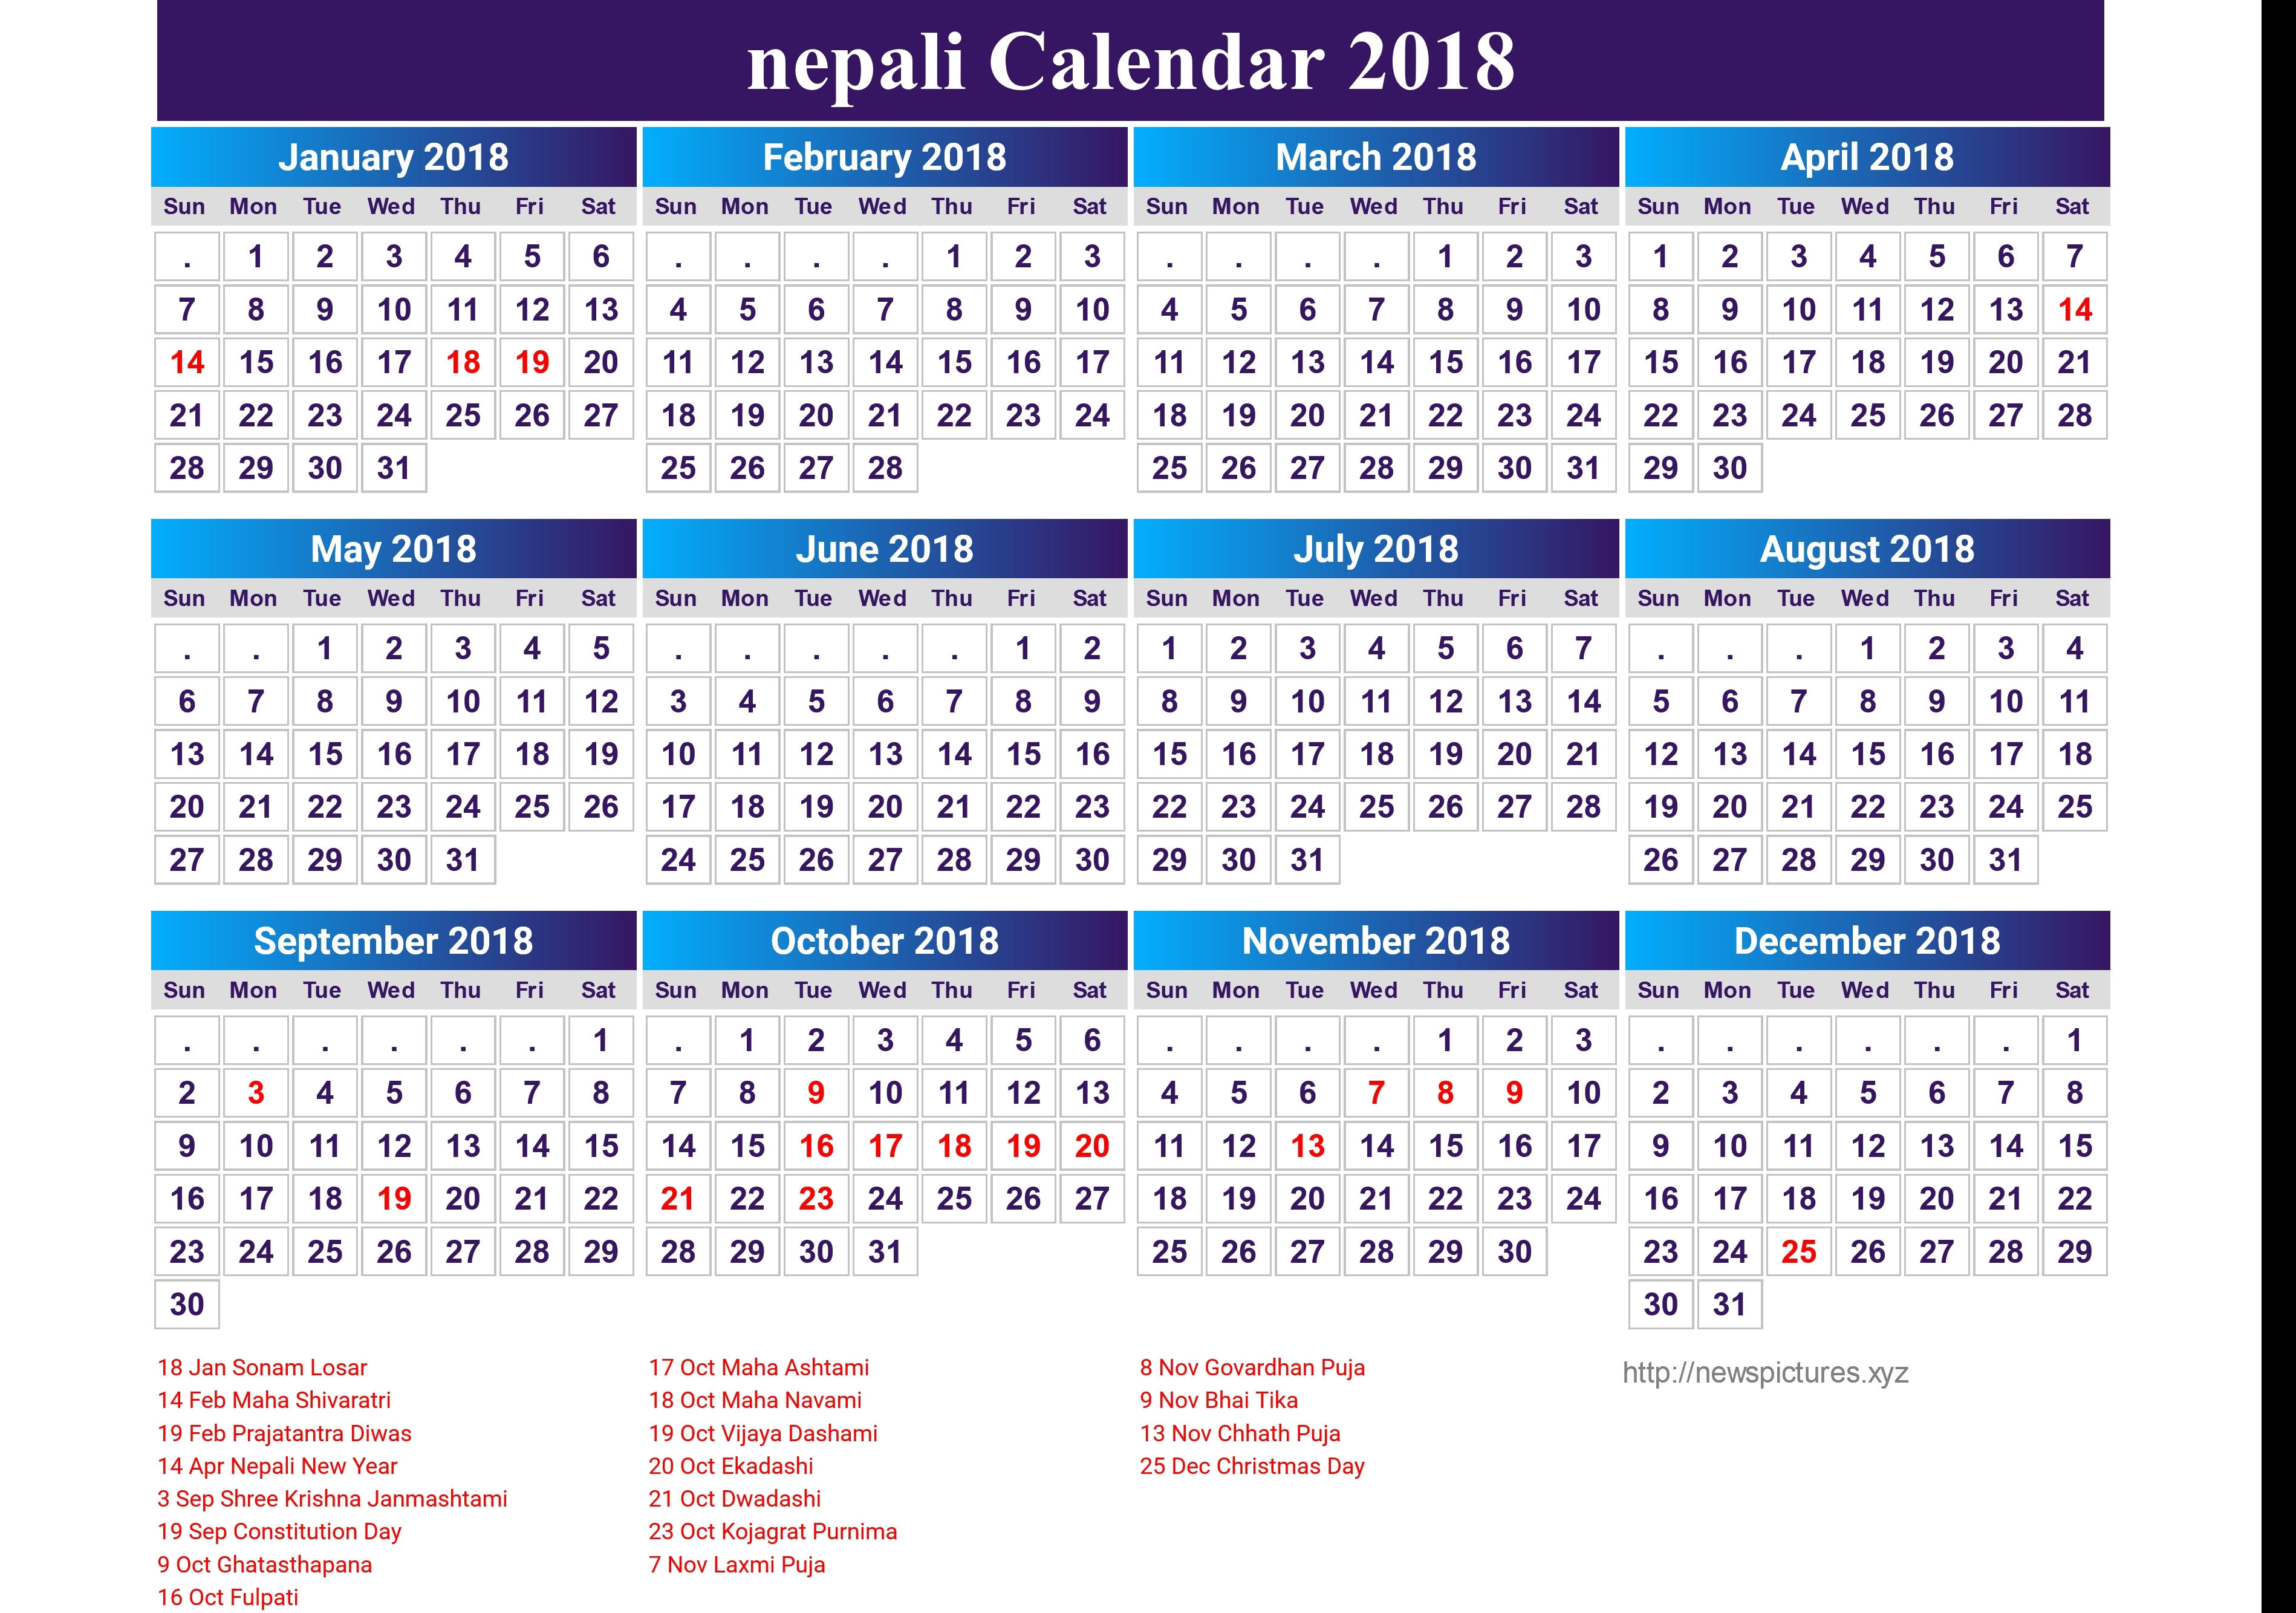 Nepali Calendar 2018 19 Newspicturesxyz Printable Calendar – Qualads